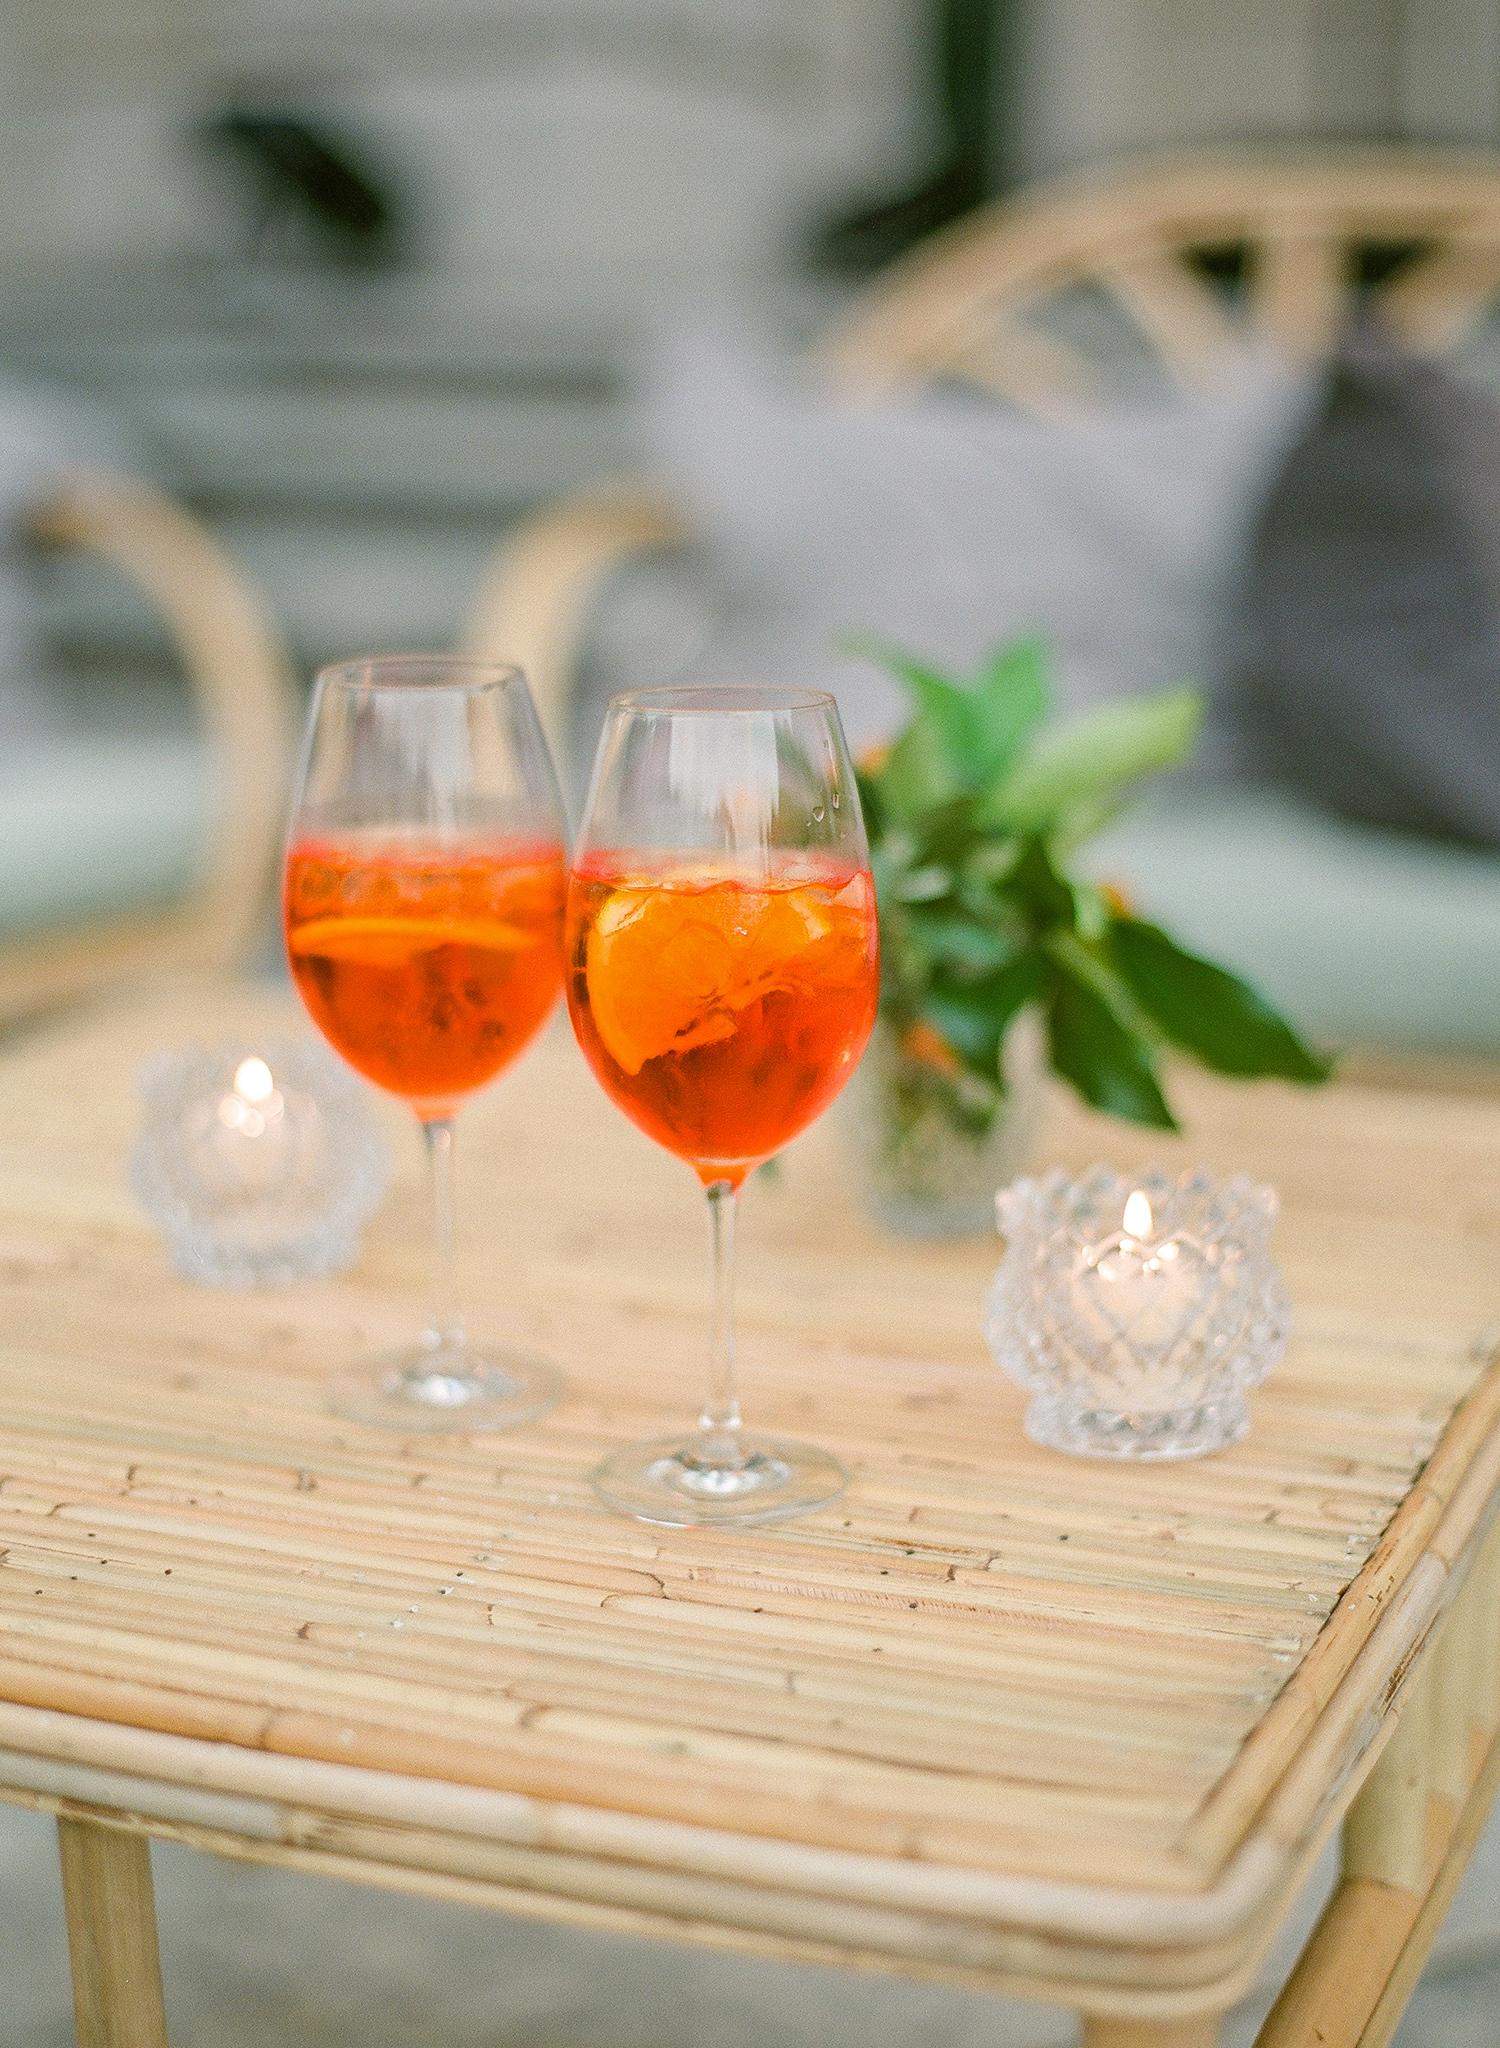 julia mauro wedding orange drinks on table